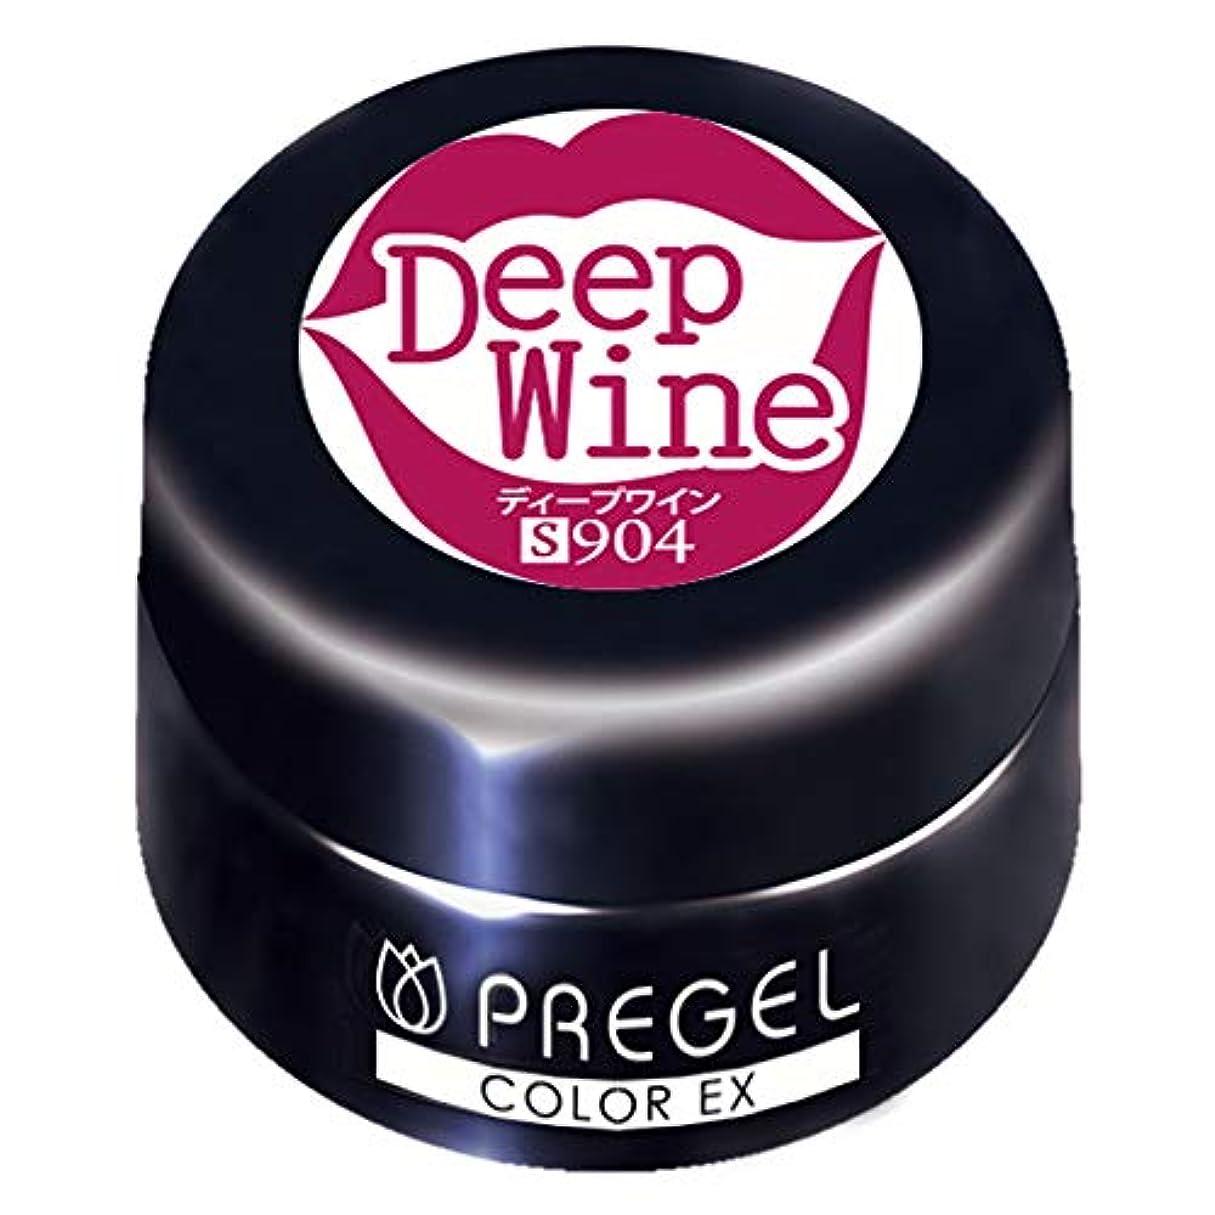 乗り出す同封するマルコポーロPRE GEL カラーEX ディープワイン 3g PG-CE904